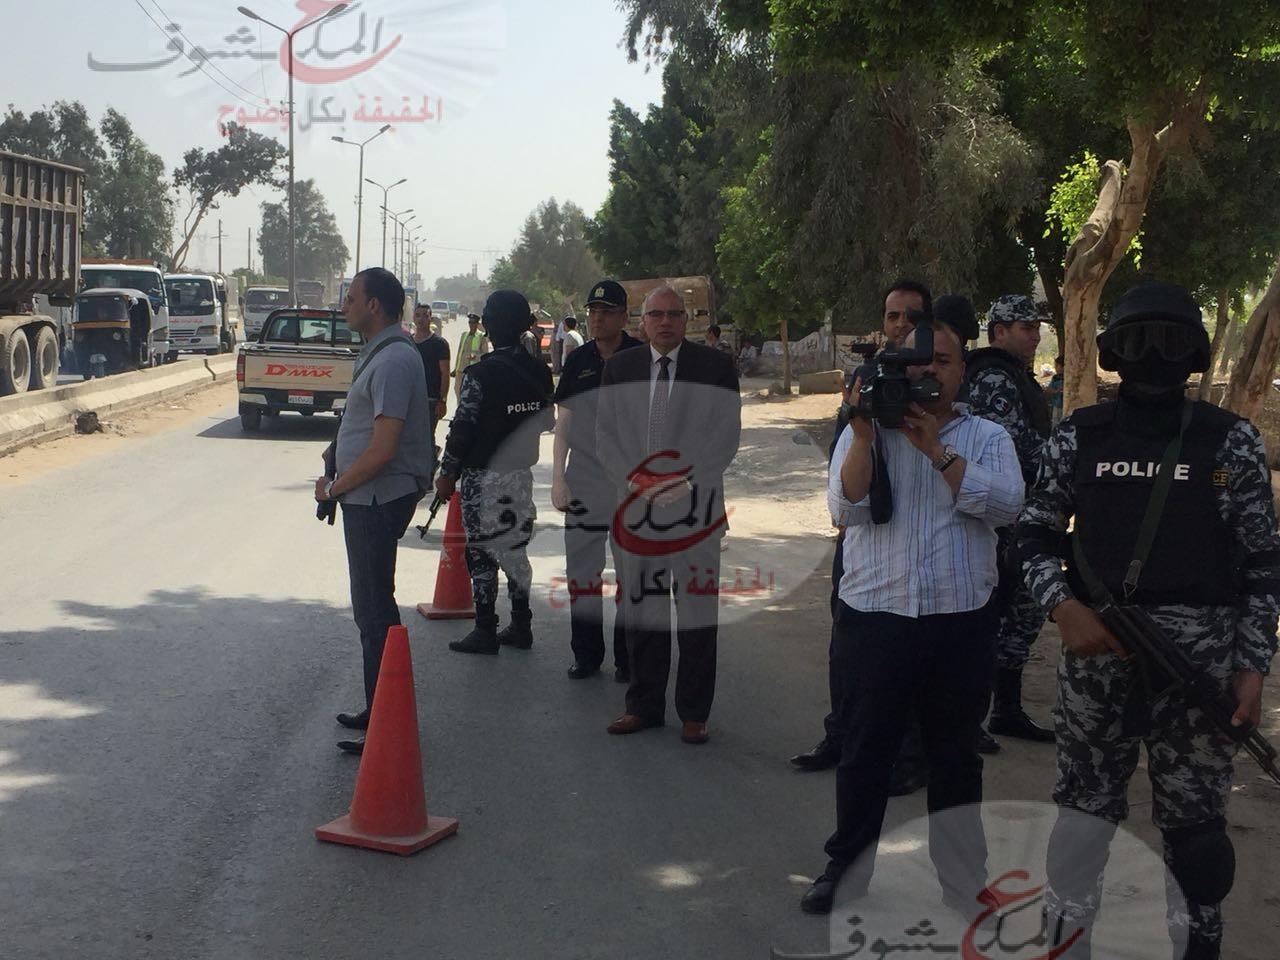 بالصور .. الآن حملة لمدير أمن القليوبية أعلى كوبري أبو زعبل بالخانكه